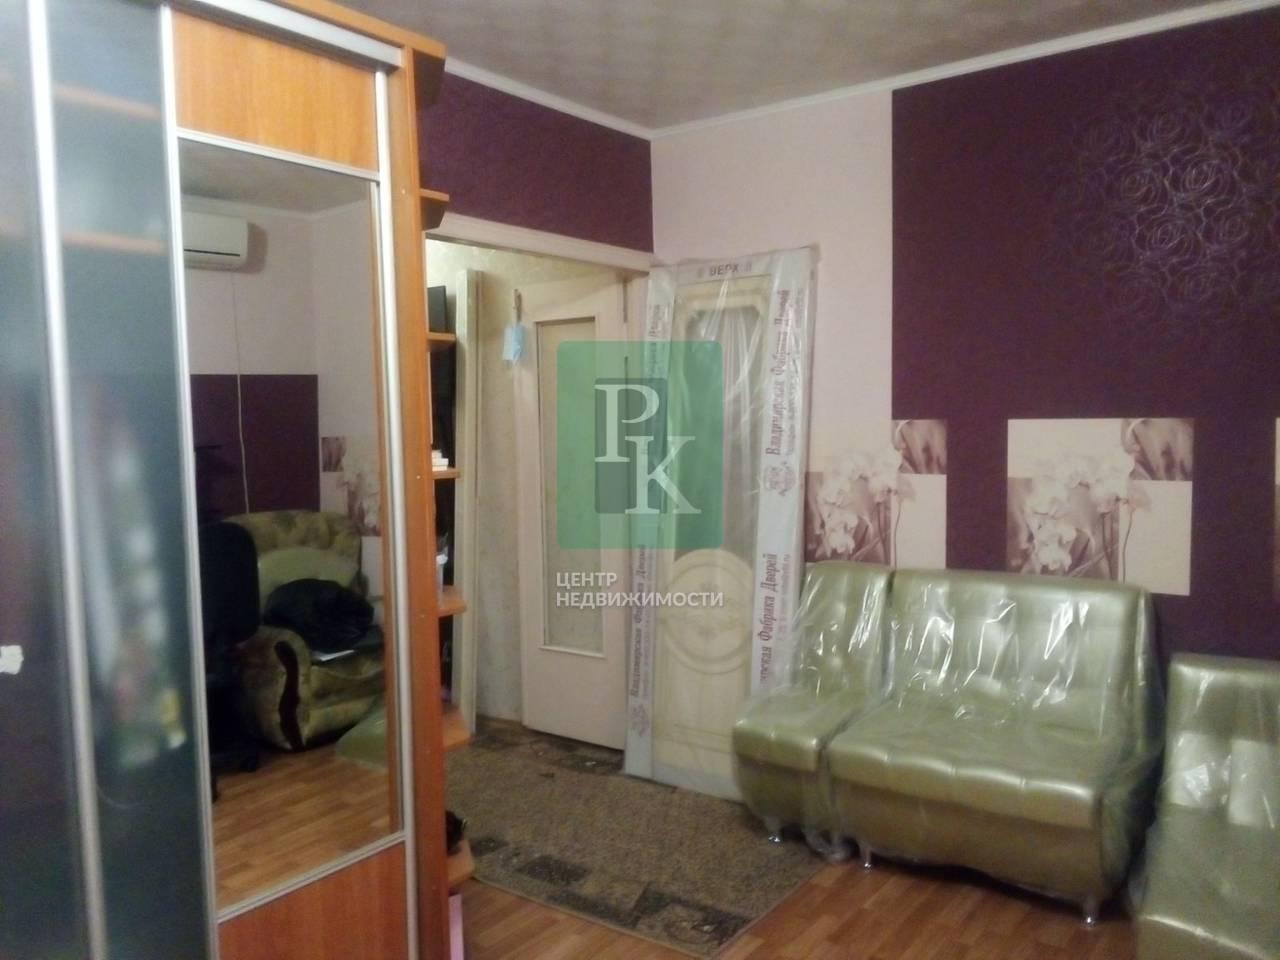 Продам двухкомнатную квартиру в селе Холмовка